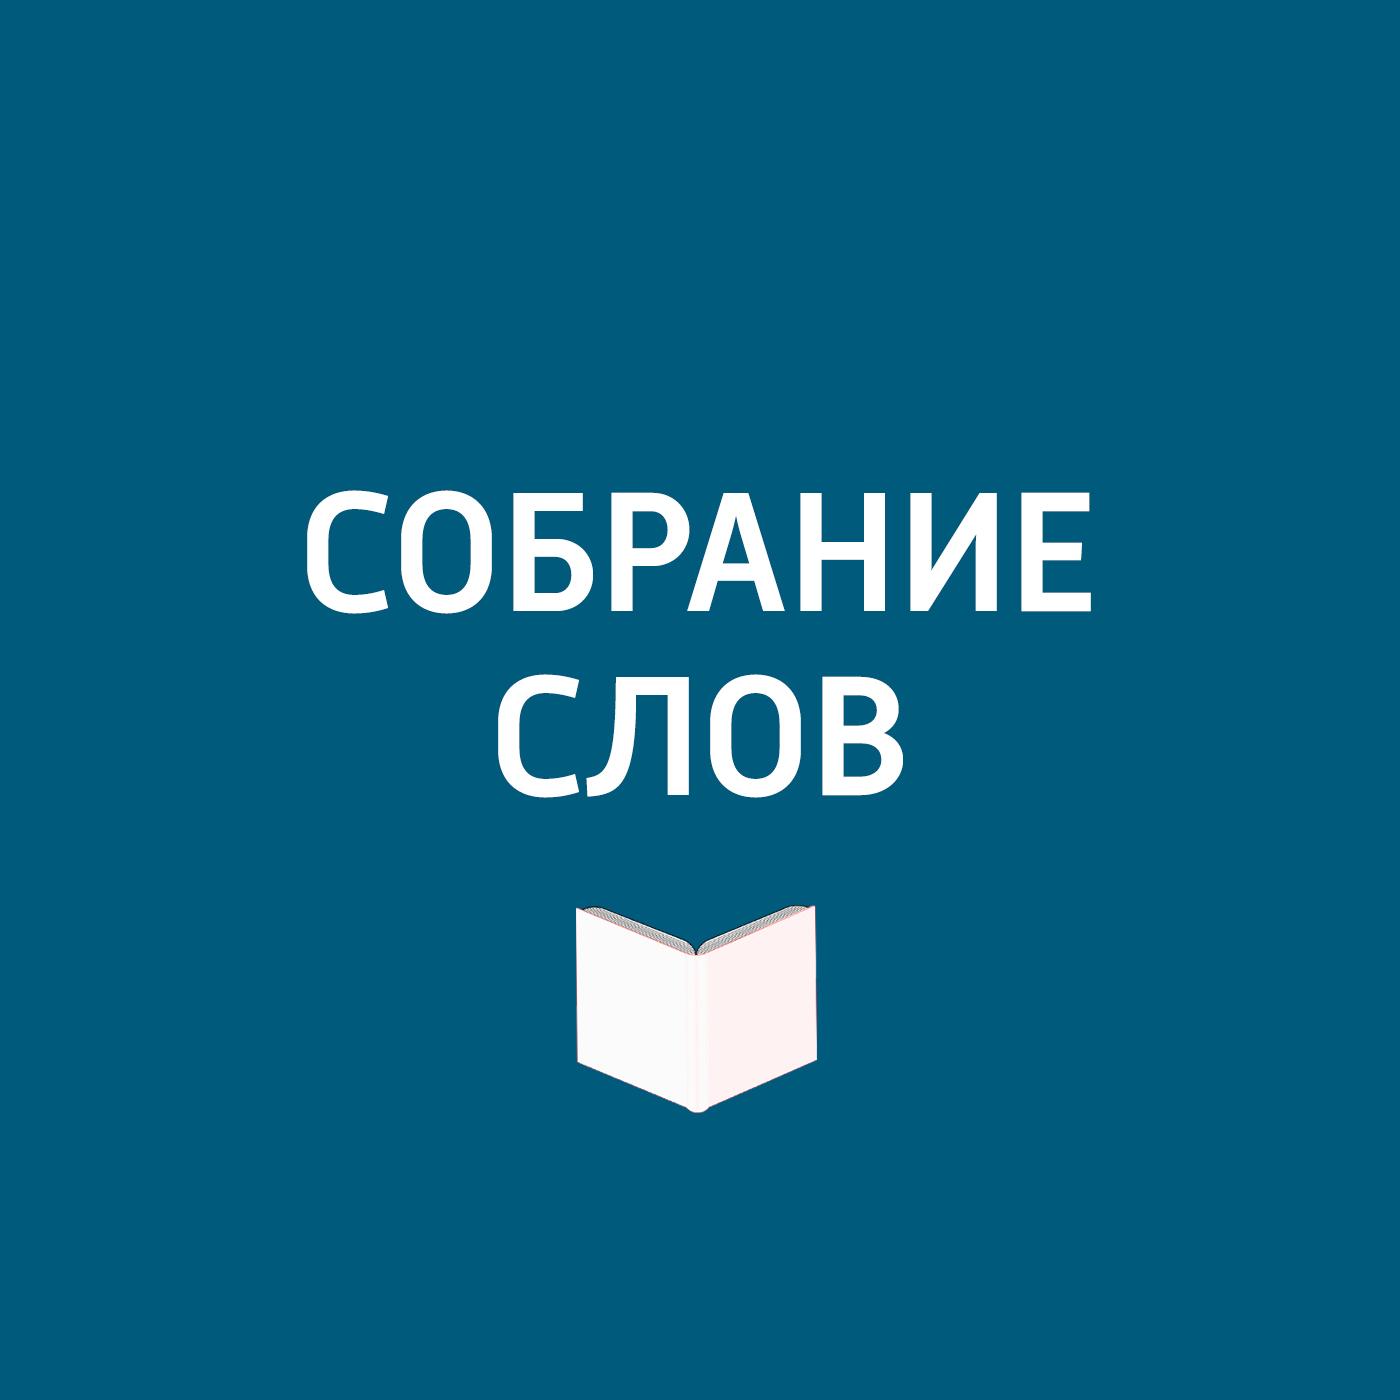 Фото - Творческий коллектив программы «Собрание слов» Большое интервью Алексея Иващенко а ф иващенко социалистический реализм в зарубежных литературах